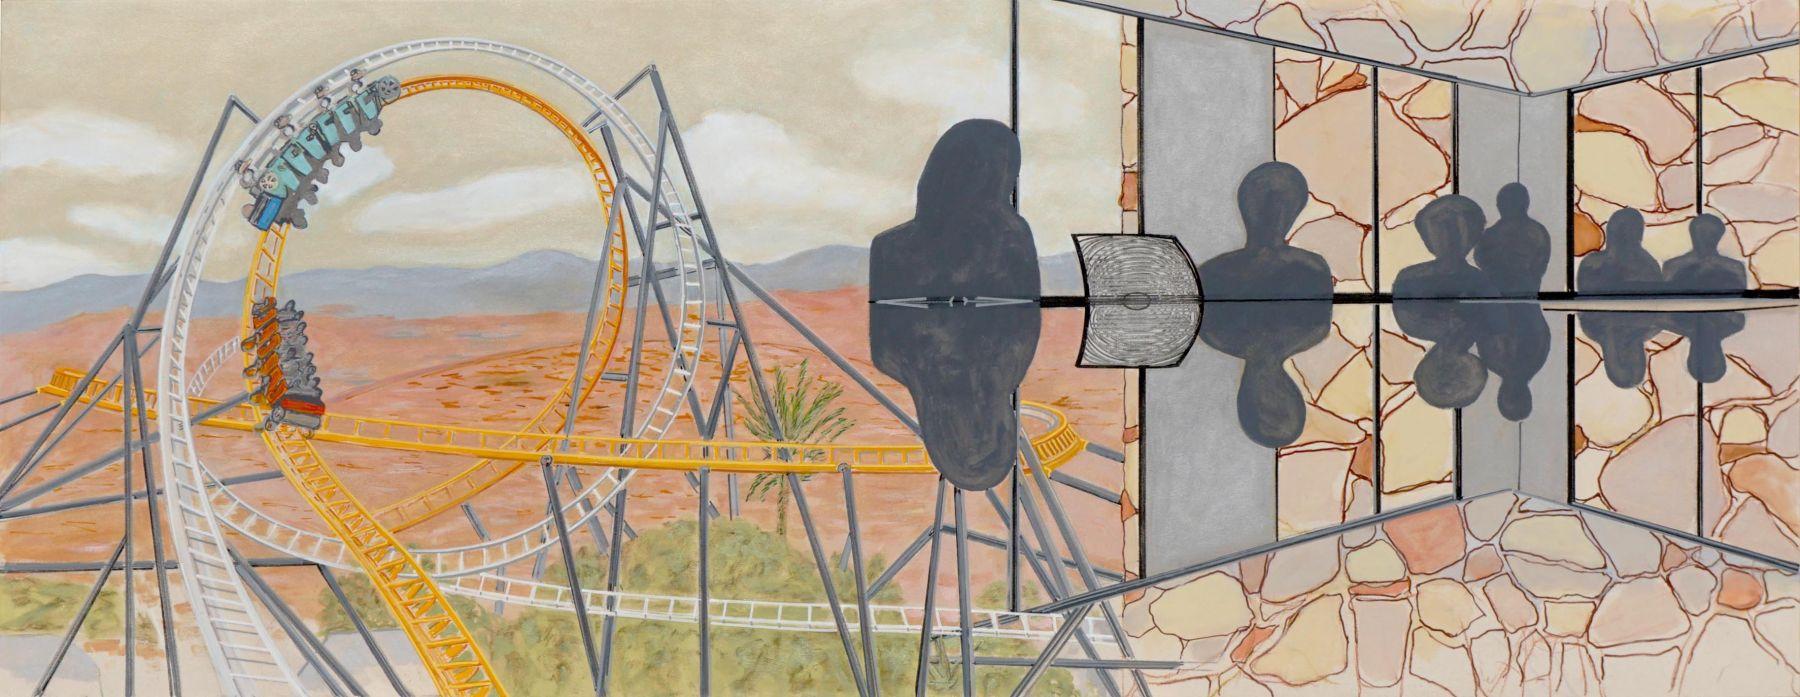 Roller, Reflection, Fieldstone, 2020